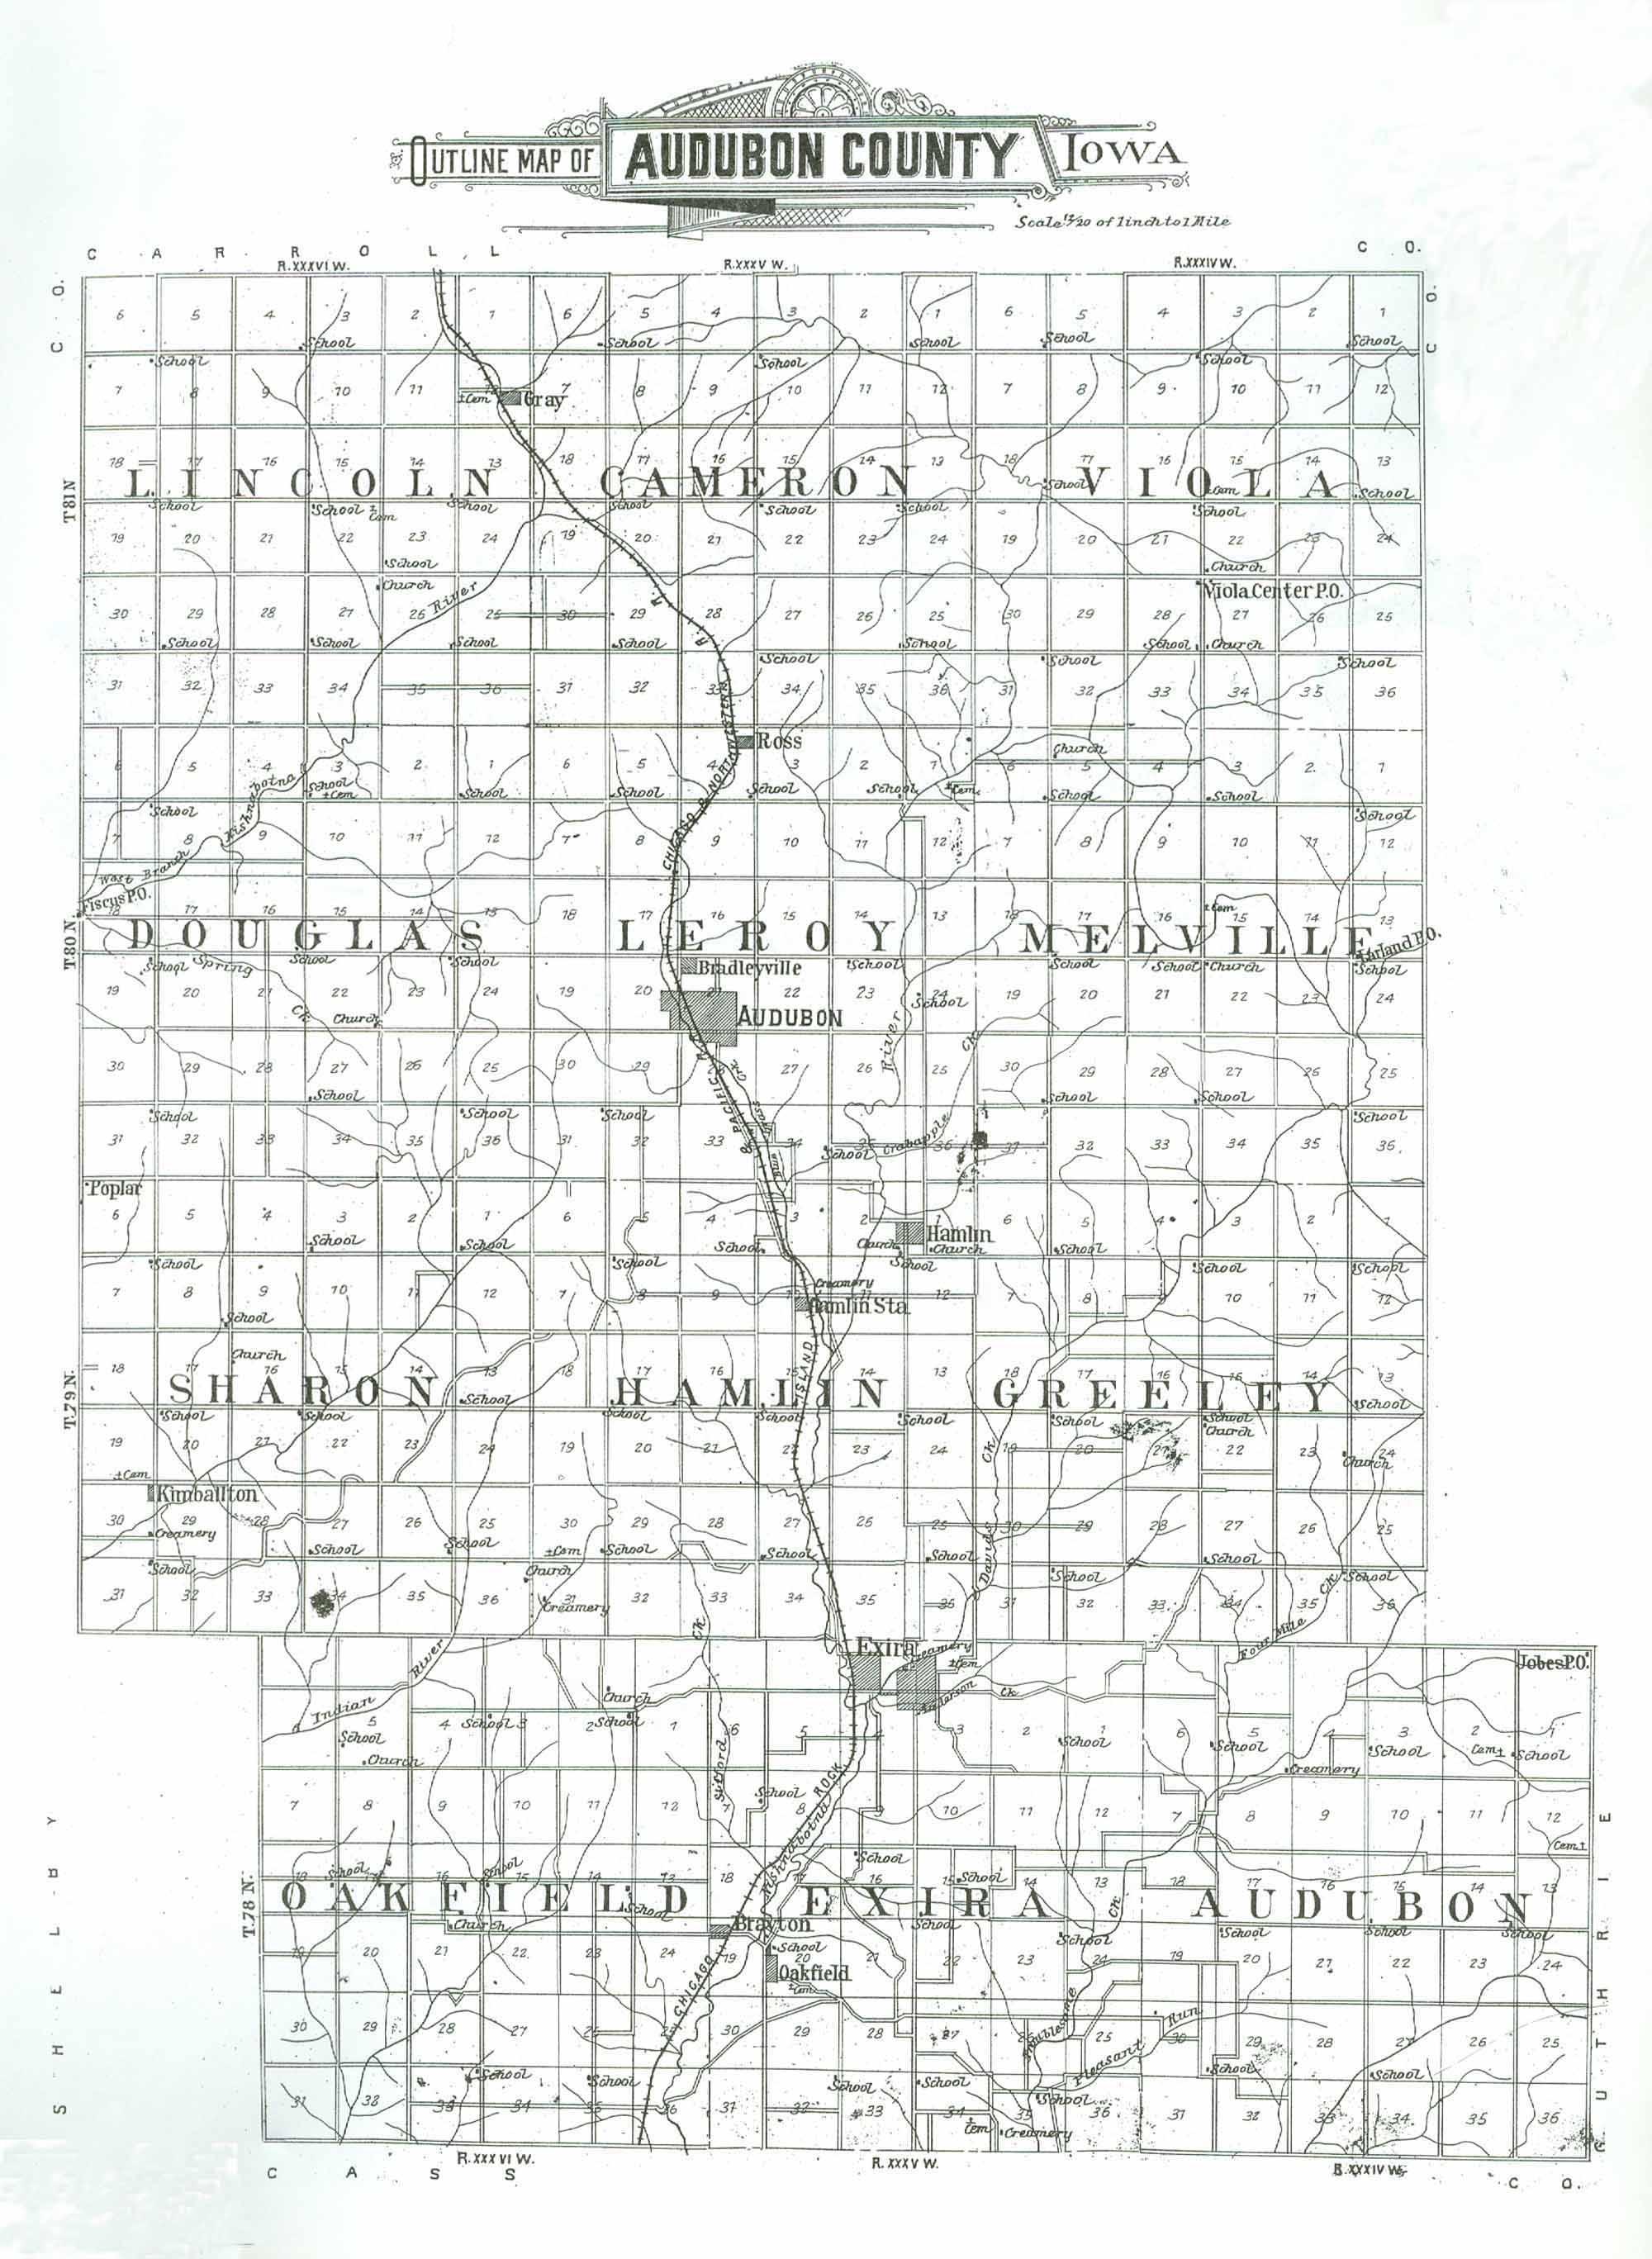 Audubon Iowa Map.Audubon County Iagenweb Maps Audubon County Iowa Ogle 1900